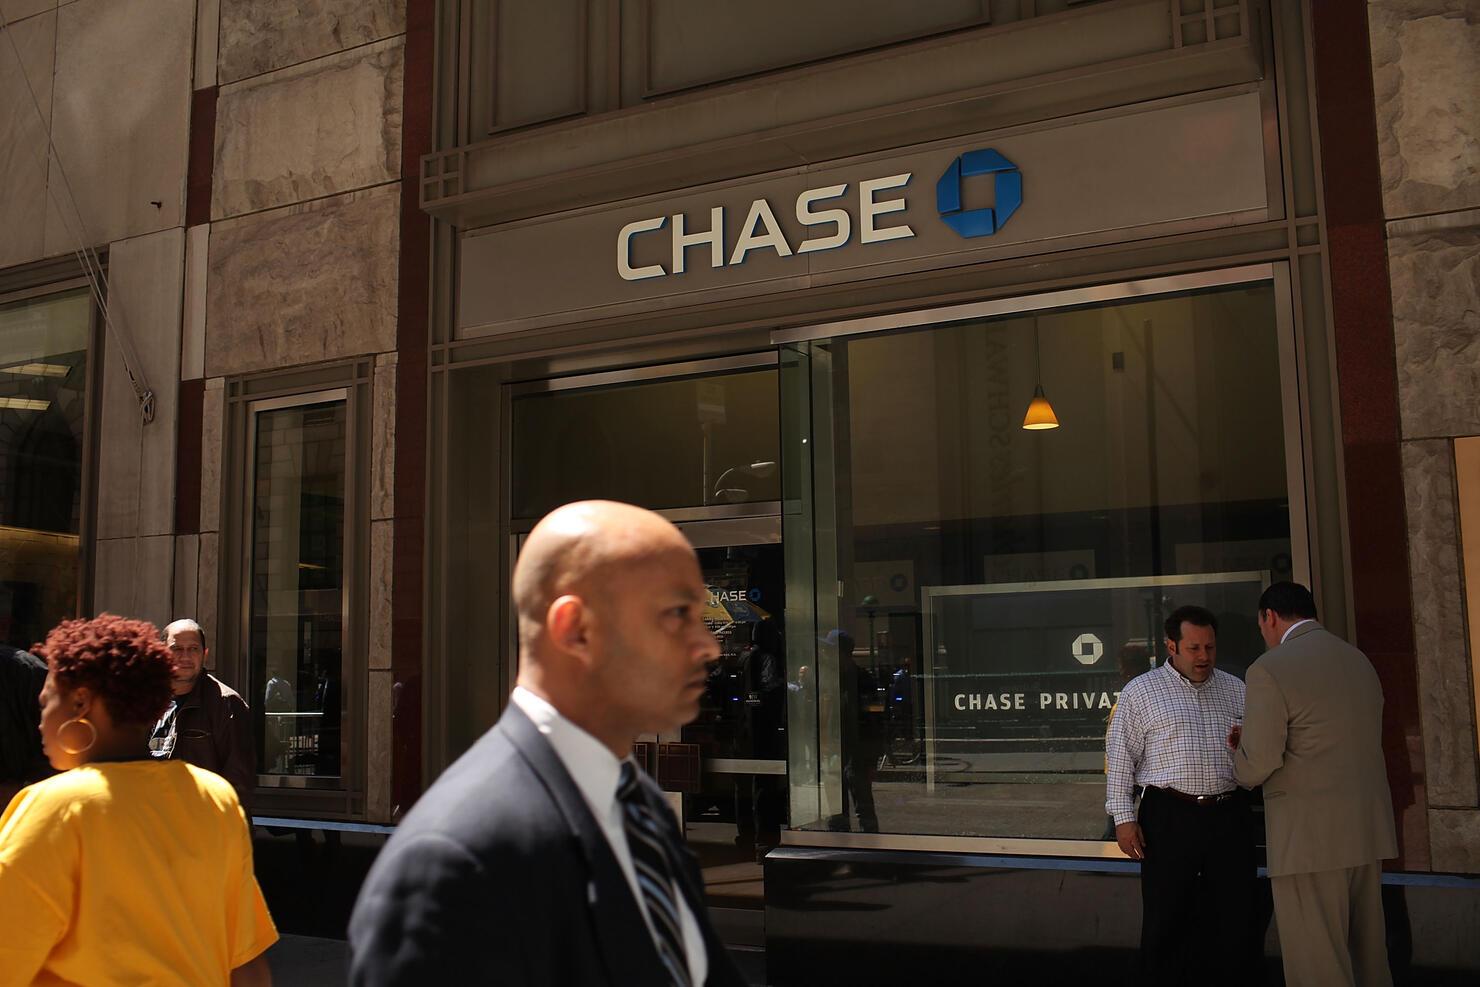 Markets React To JPMorgan Chase Reporting 2 Billion Dollar Loss